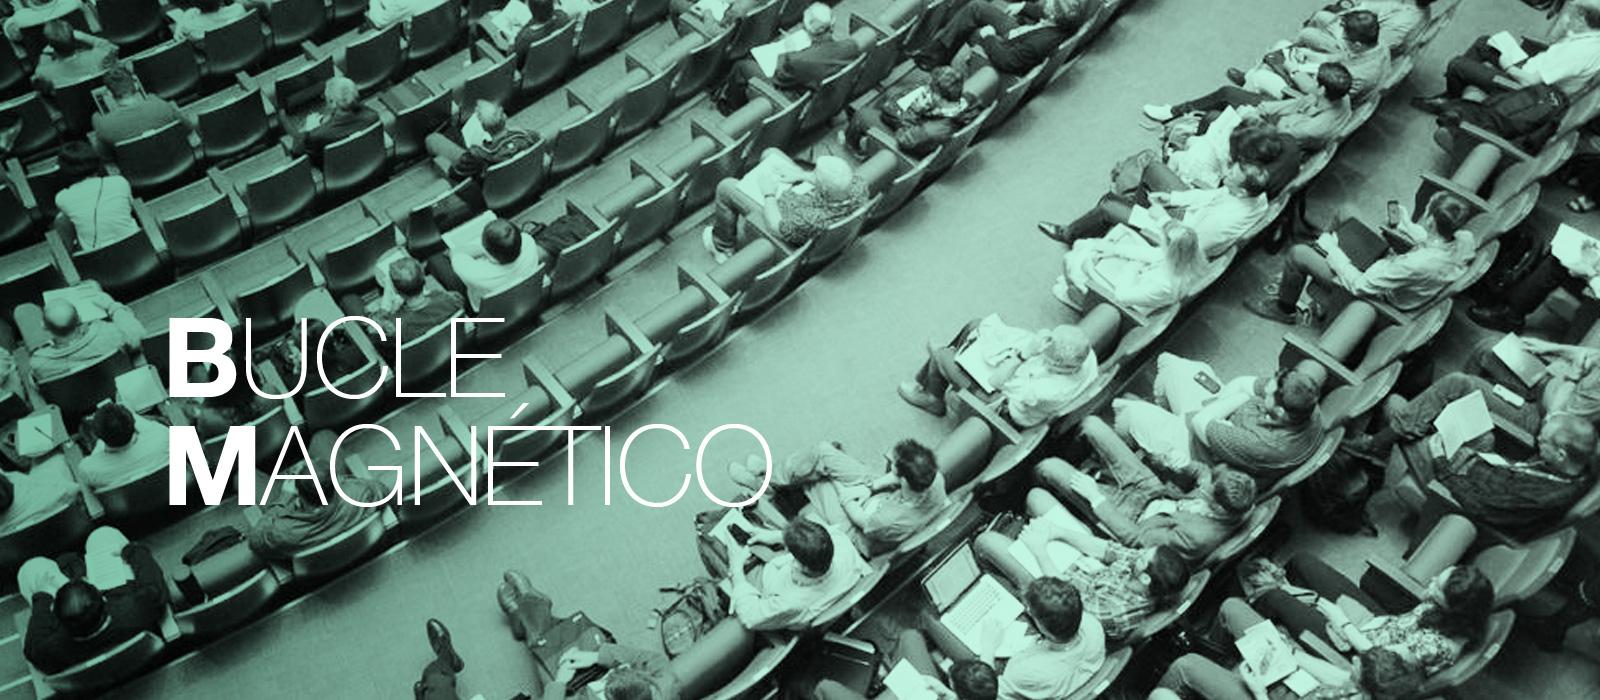 Bucle Magnético Madrid. OmDigital Soluciones Audiovisuales